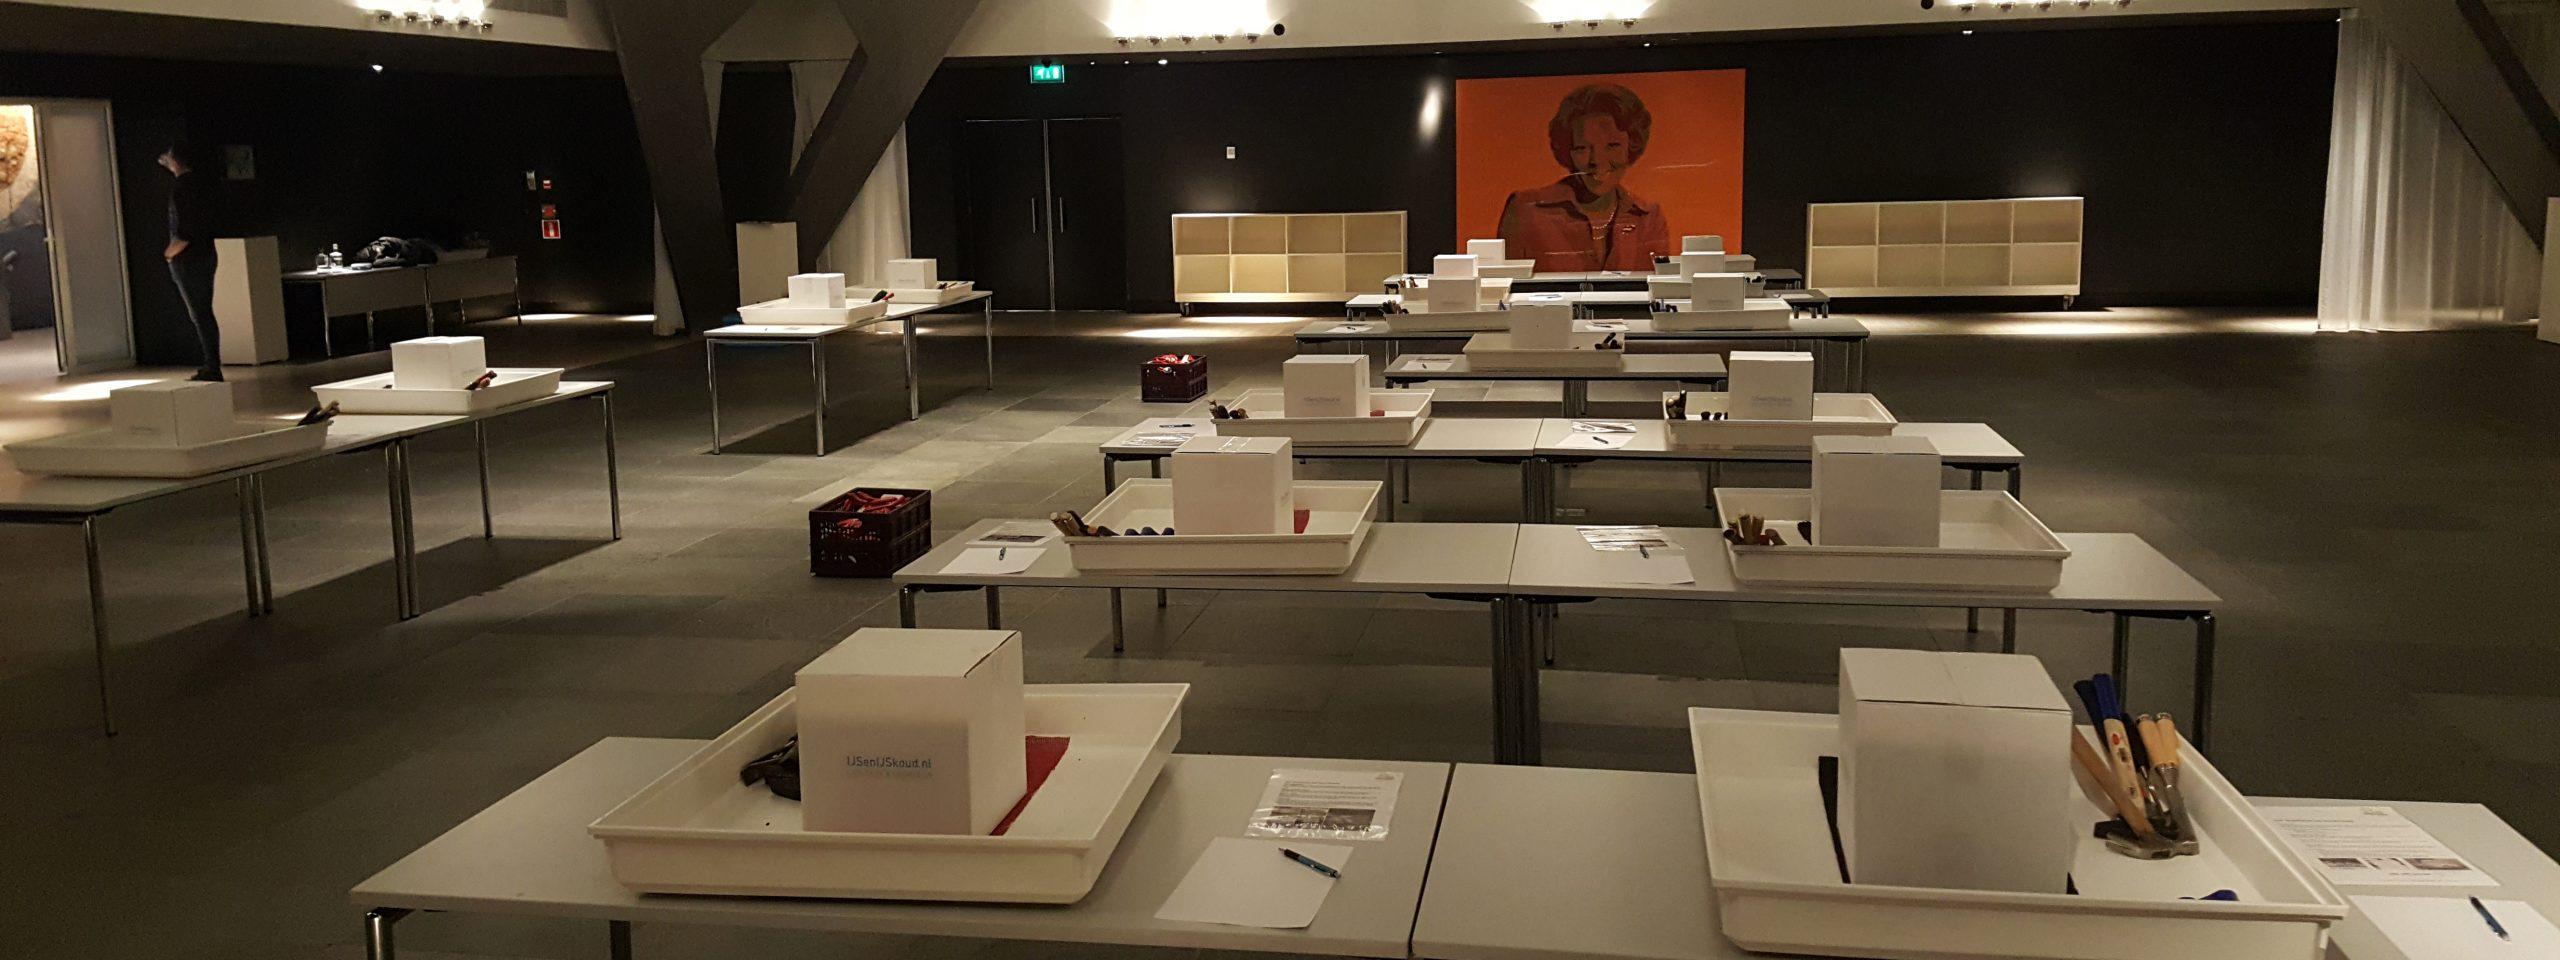 eindhoven-bedrijfsuitje-workshop-ijssculpturen